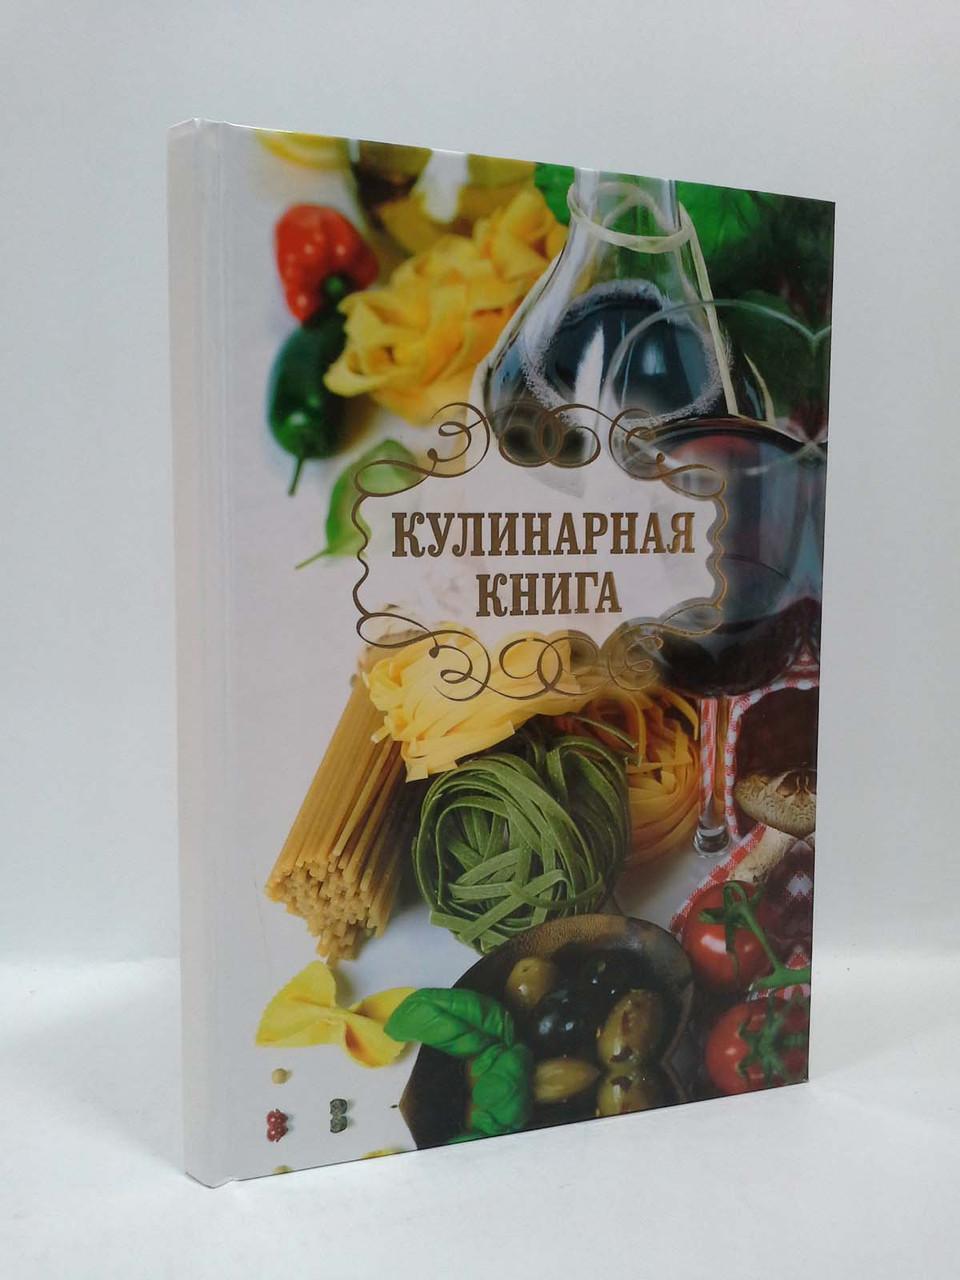 Кулинарная книга тверд обкладинка російська